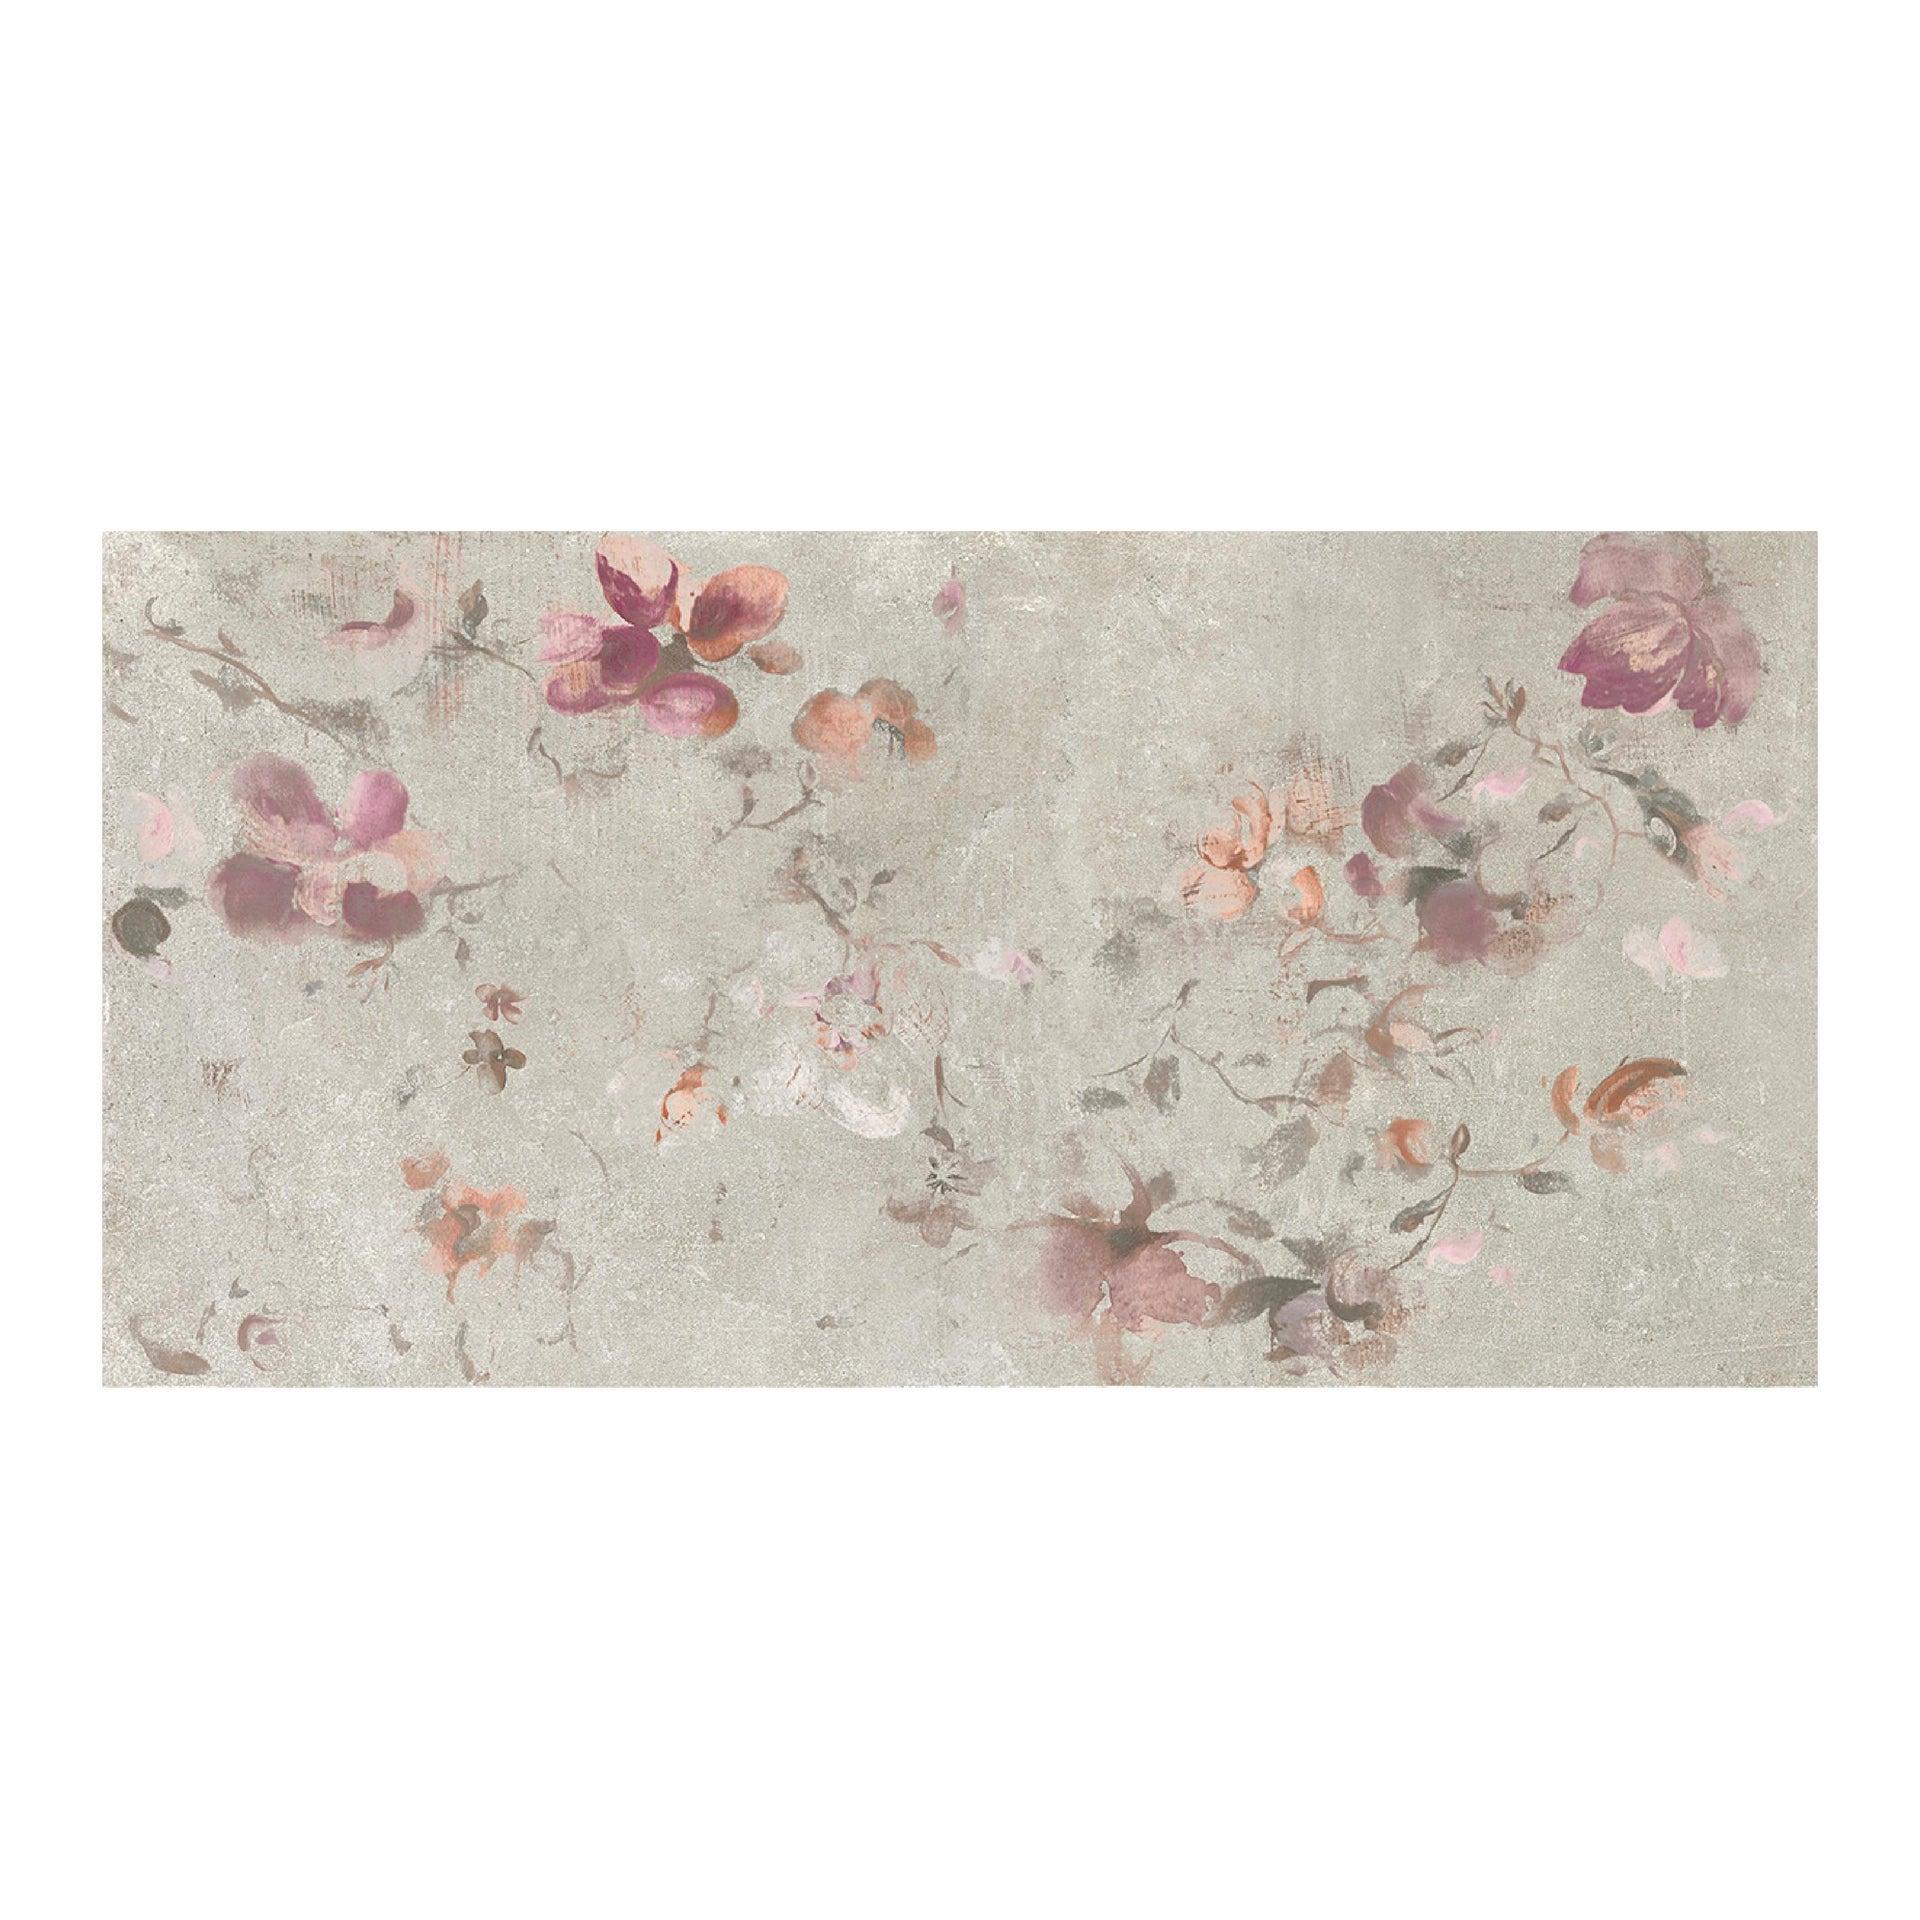 Piastrella City Grey Decoro Flower 60 x 120 cm sp. 9.5 mm PEI 4/5 grigio - 7